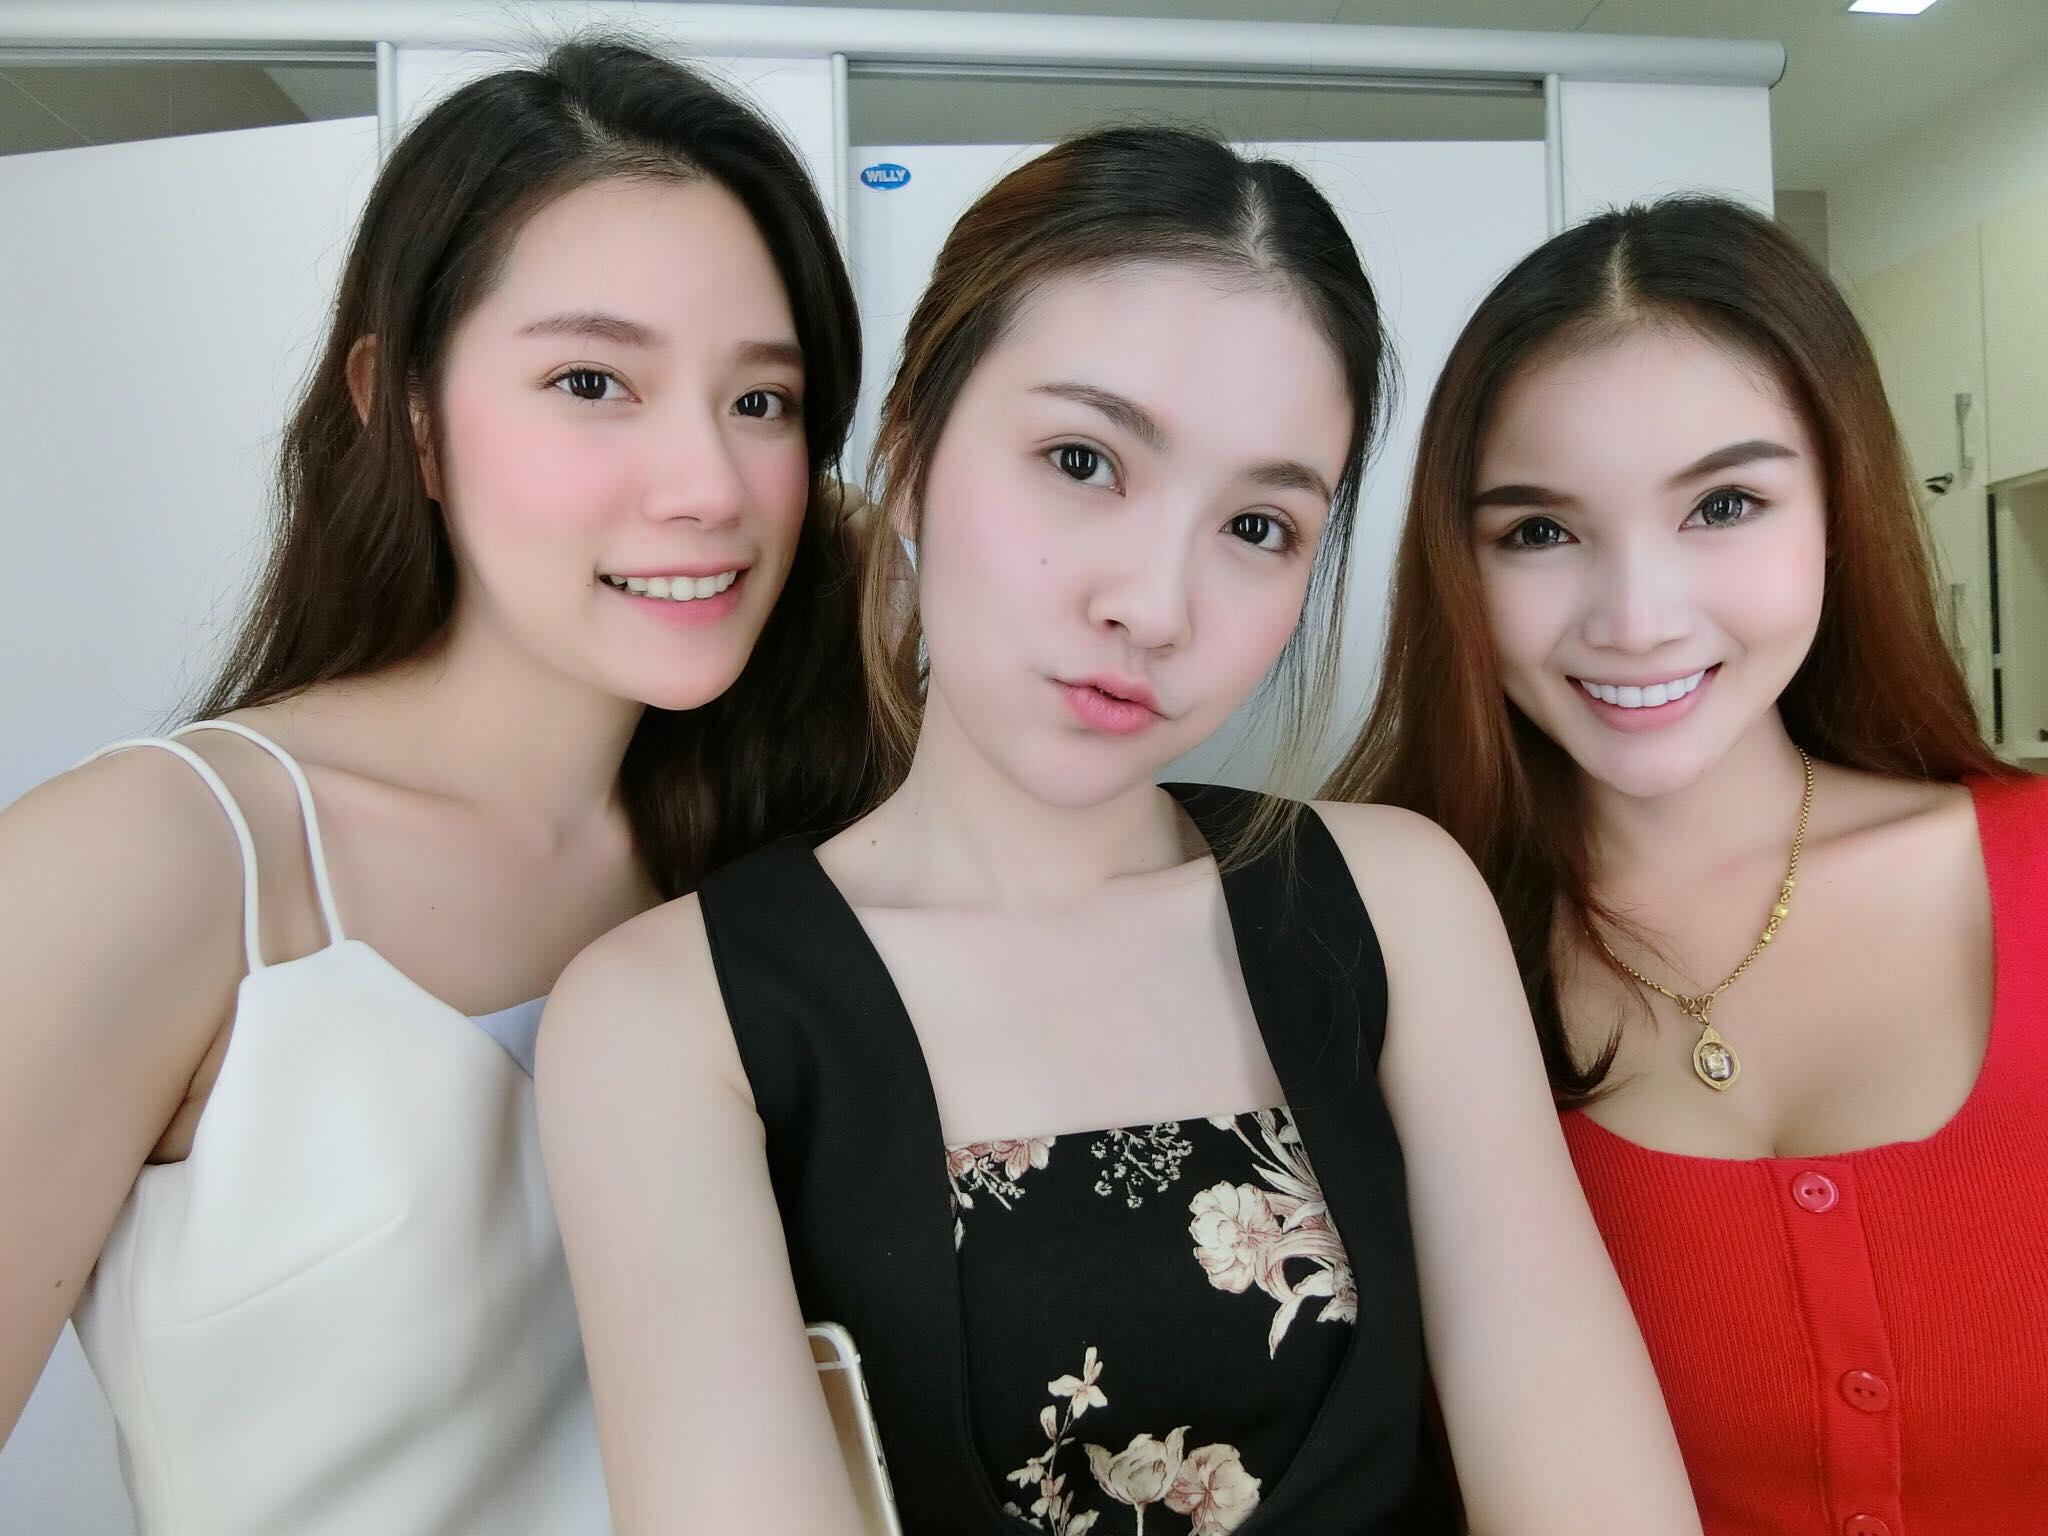 Bức ảnh siêu hot: 3 cô y tá đã xinh lại còn làm cùng viện với nhau! - Ảnh 4.